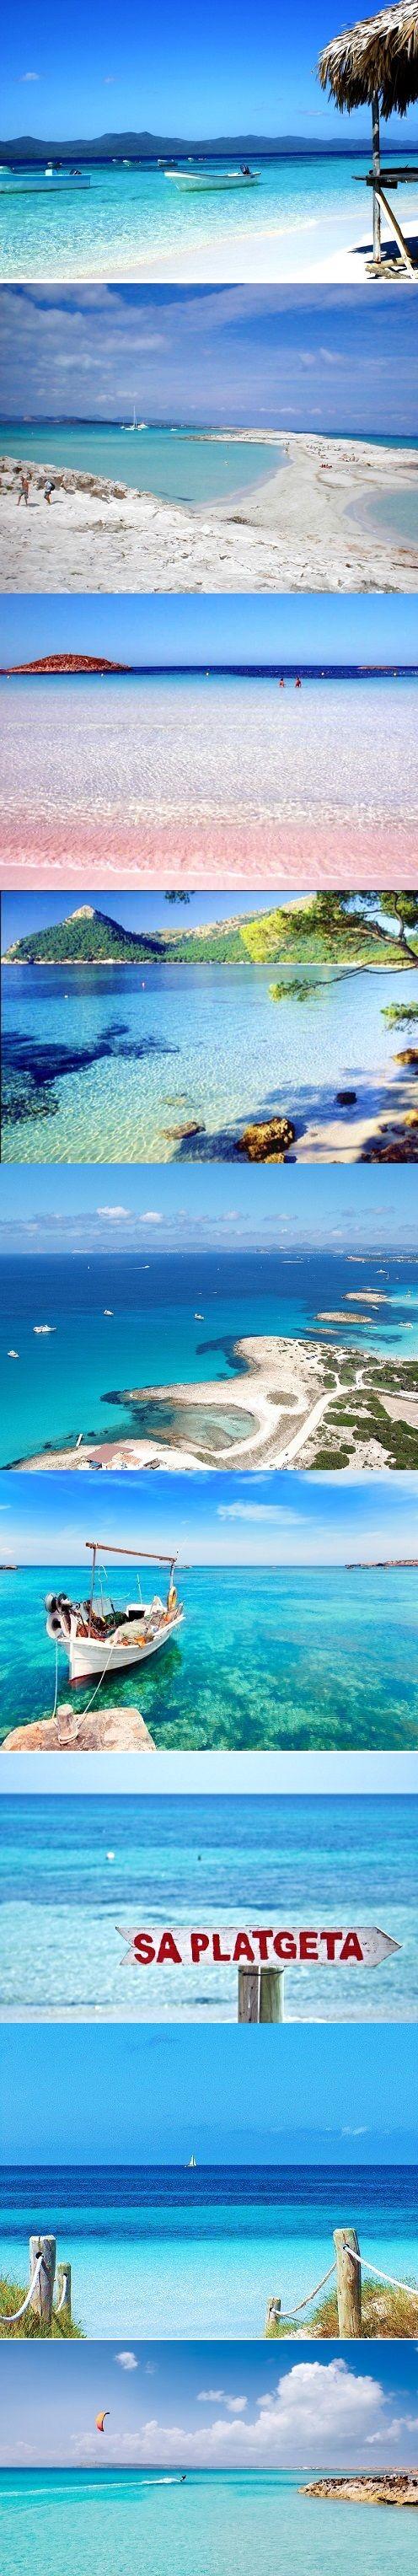 Formentera Beaches Woowwwwwww IMPRESIONATE esta serie de imágenes de la splayas de Formenetera. http://www.bodaenibiza.es